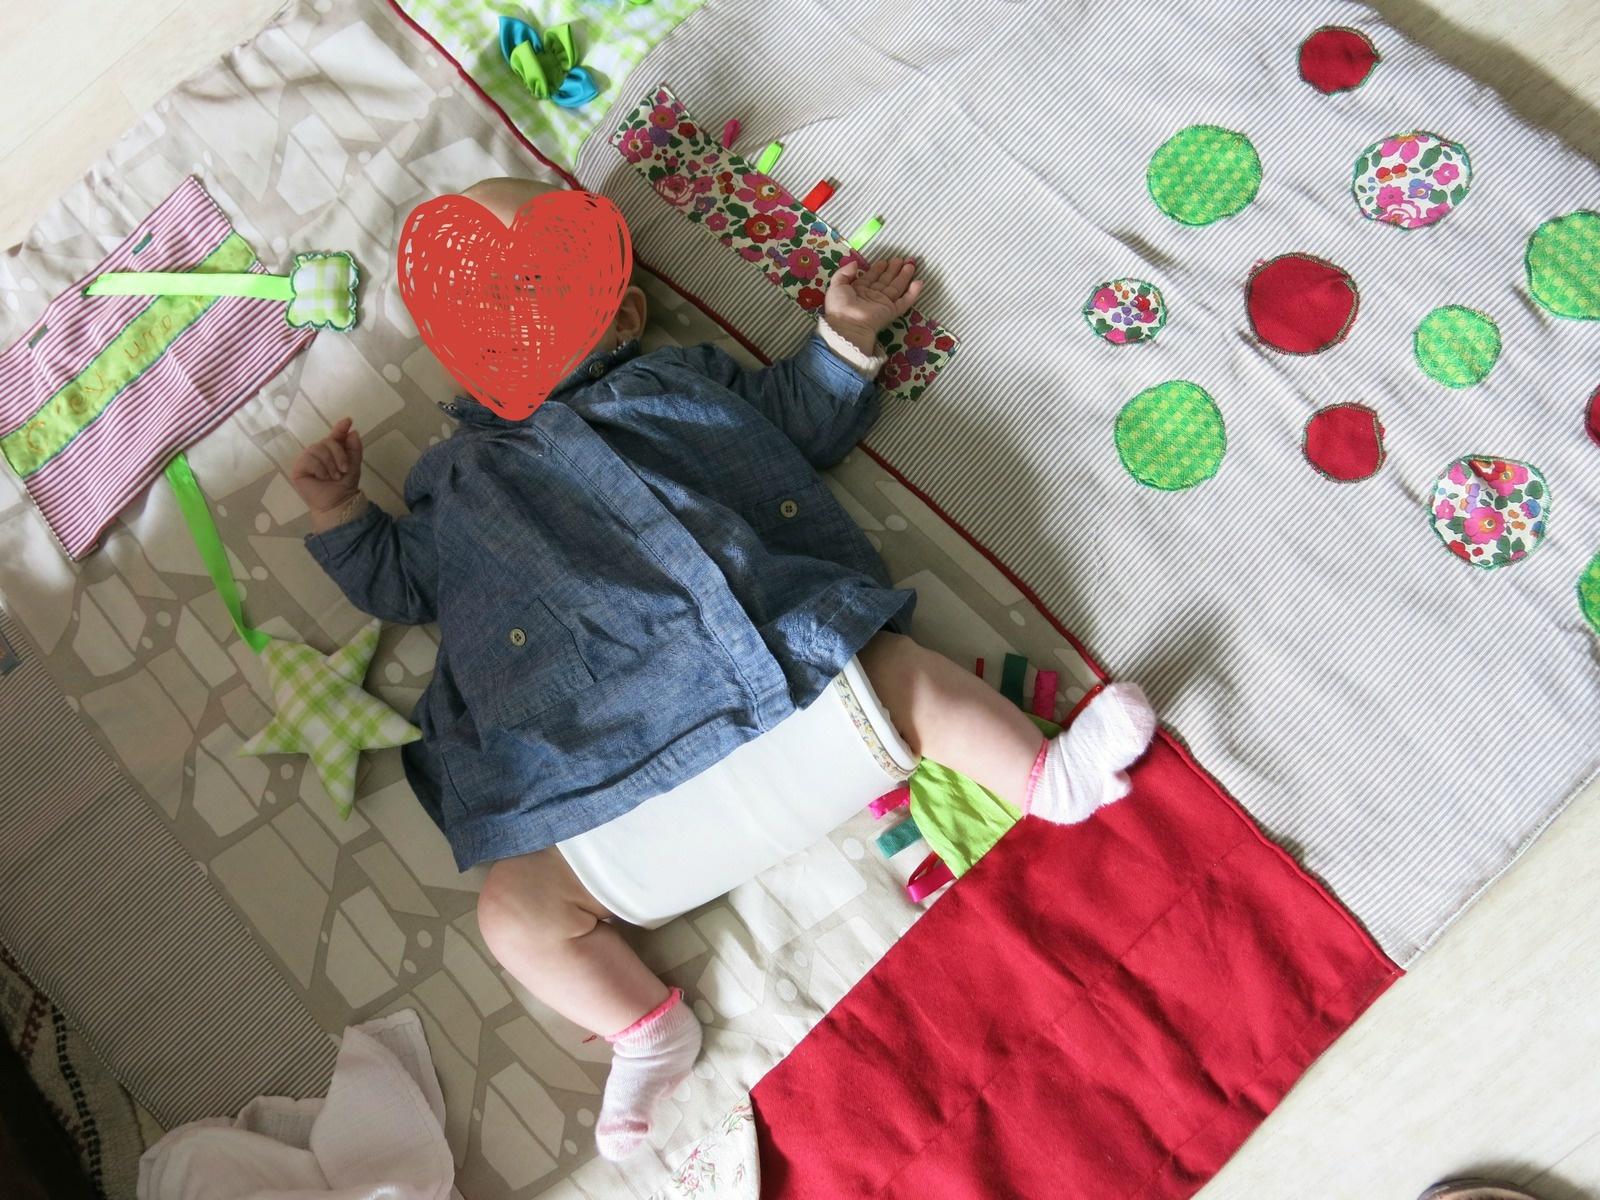 Ma jolie T. et son harnais (sur un tapis d'éveil dont je vous parle bientôt).